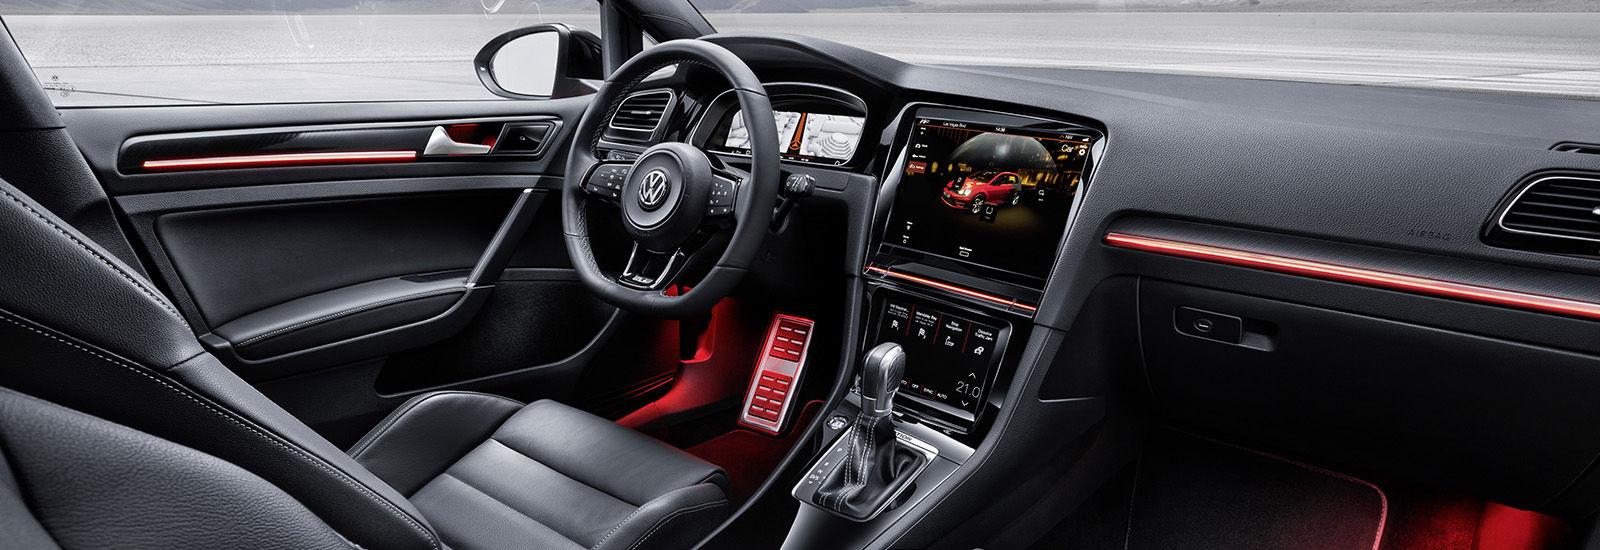 Первые подробности о новом Volkswagen Golf 2